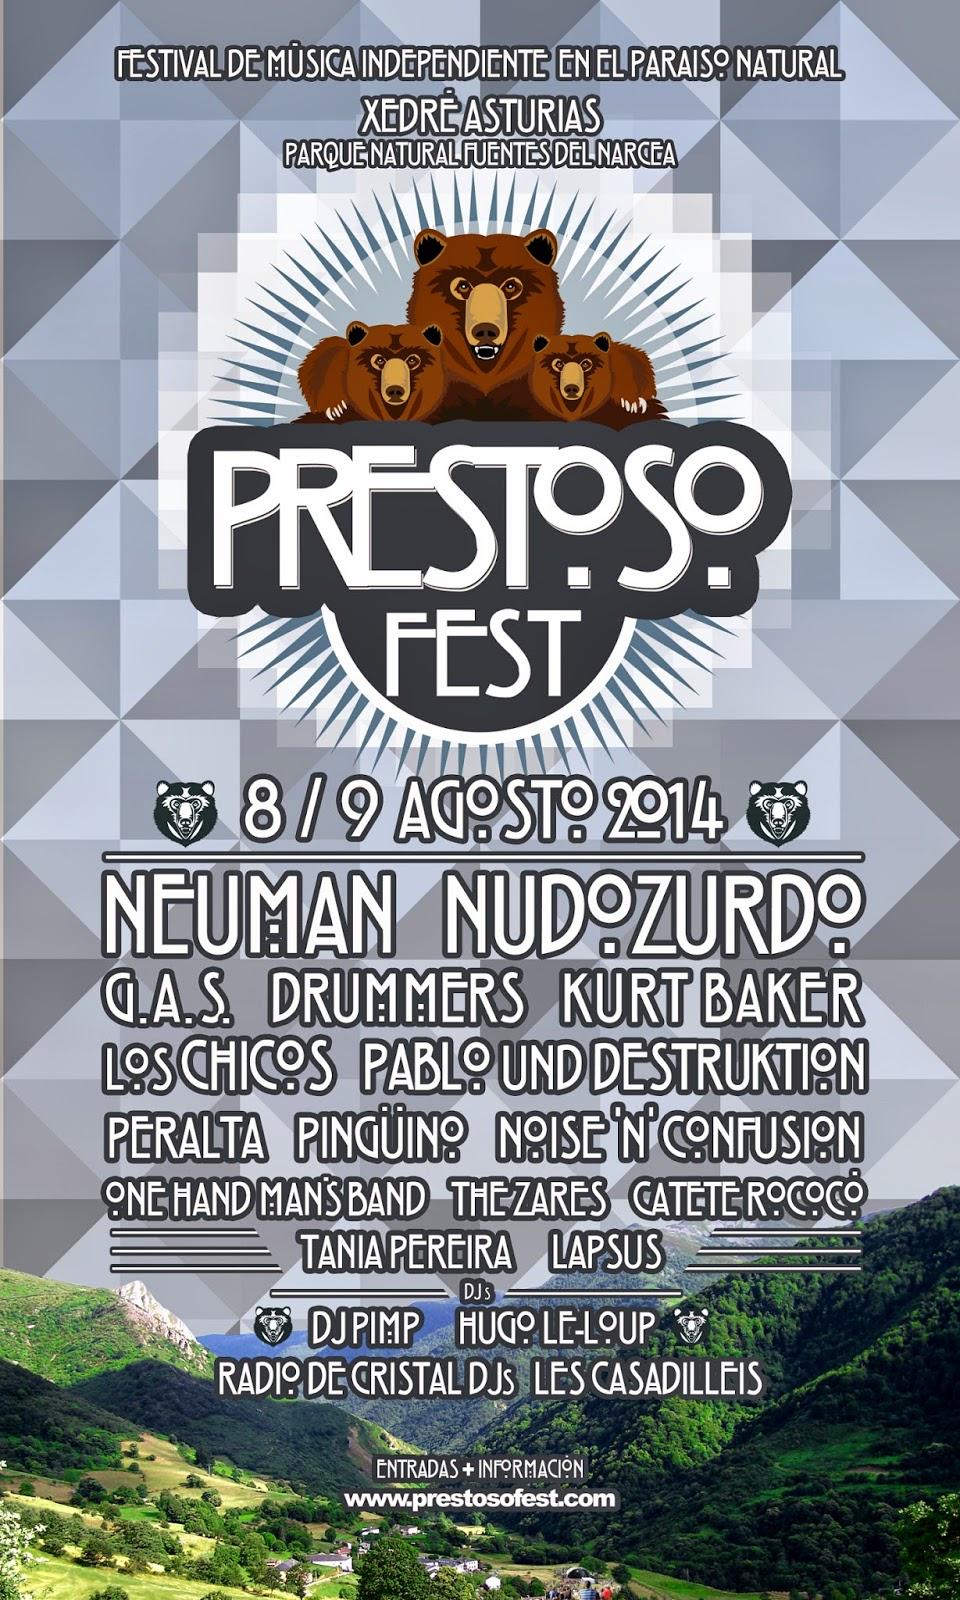 Prestoso Fest 2014 Cartel completo